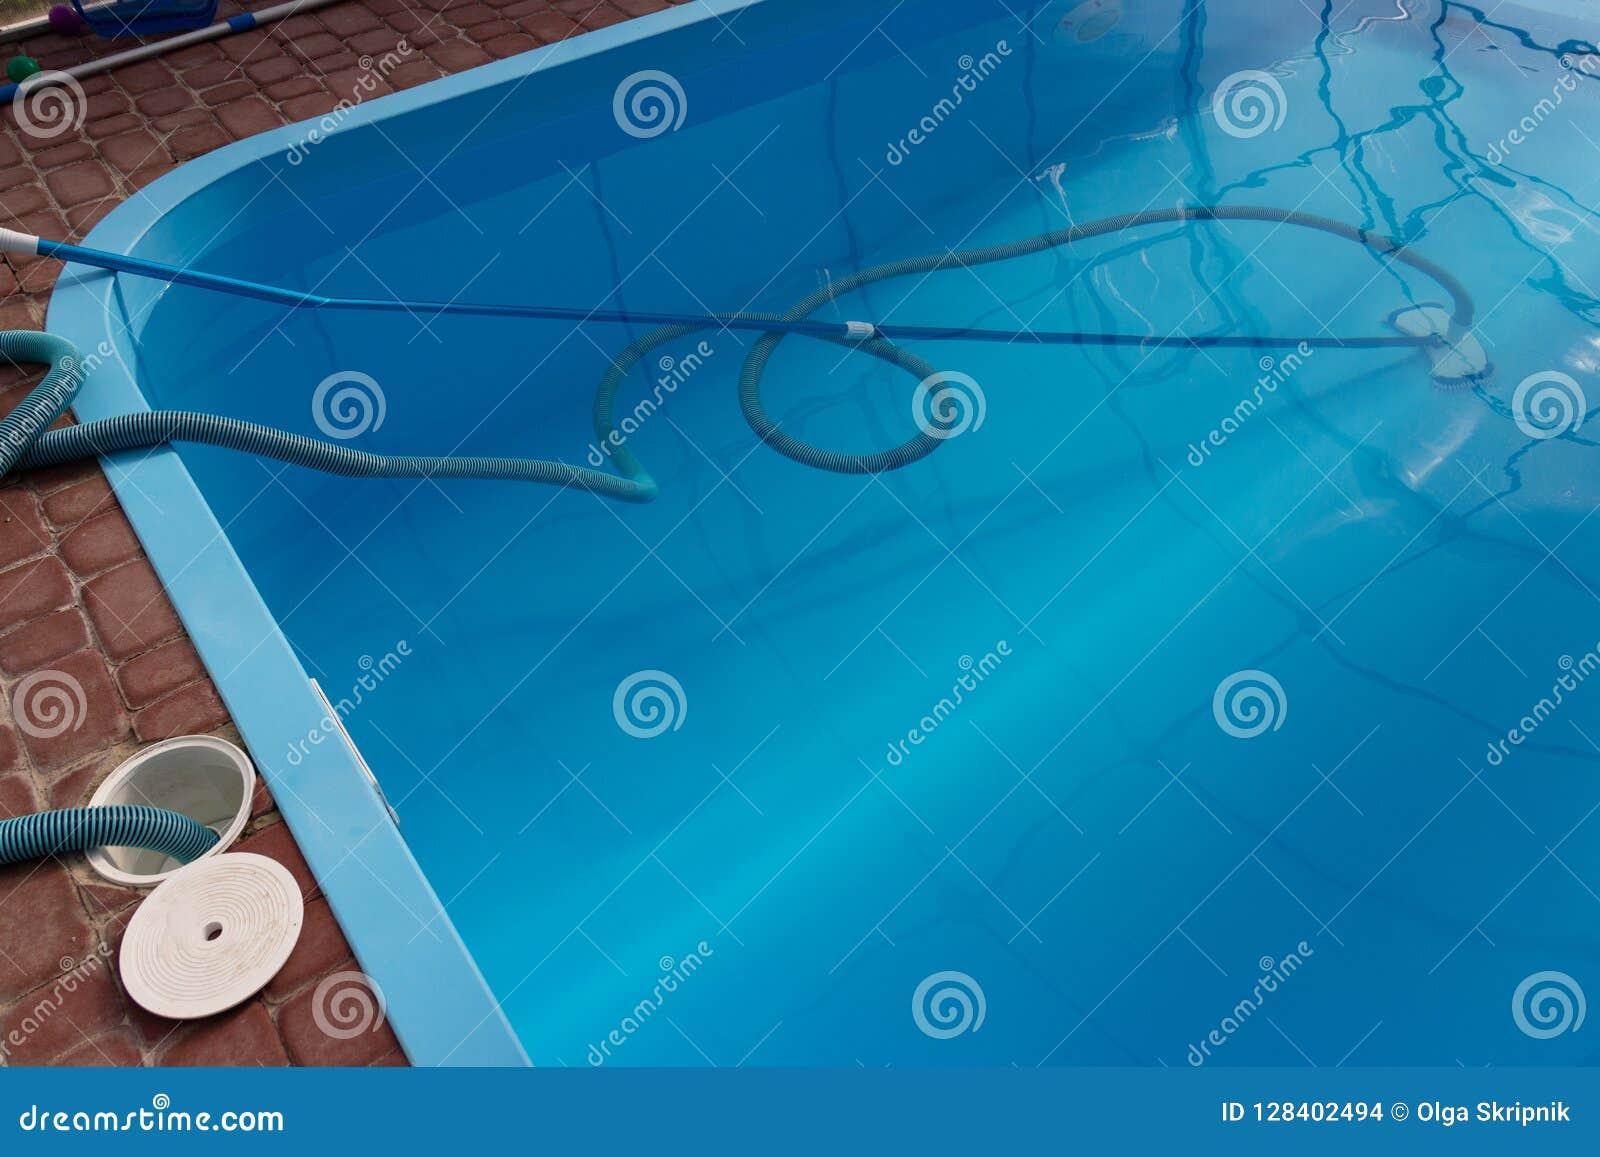 De stofzuiger voor de pool, maakt en geeft voor de bodem van de pool schoon verzamel, absorbeer huisvuil en vuil neemt automatisc